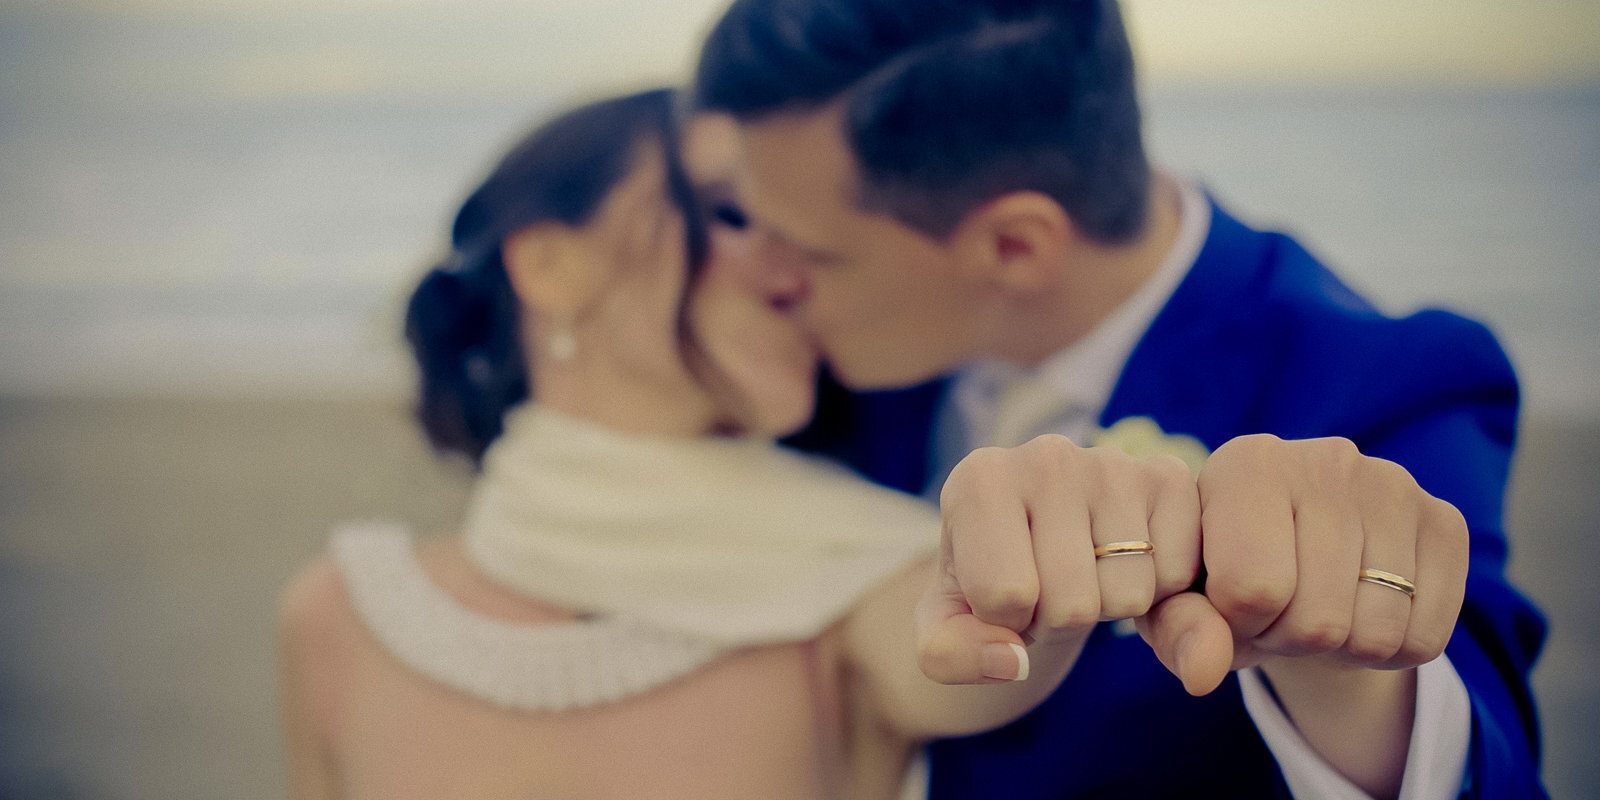 Mīlestība nav atcelta. Kā notiek kāzas Latvijā ārkārtējās situācijas laikā